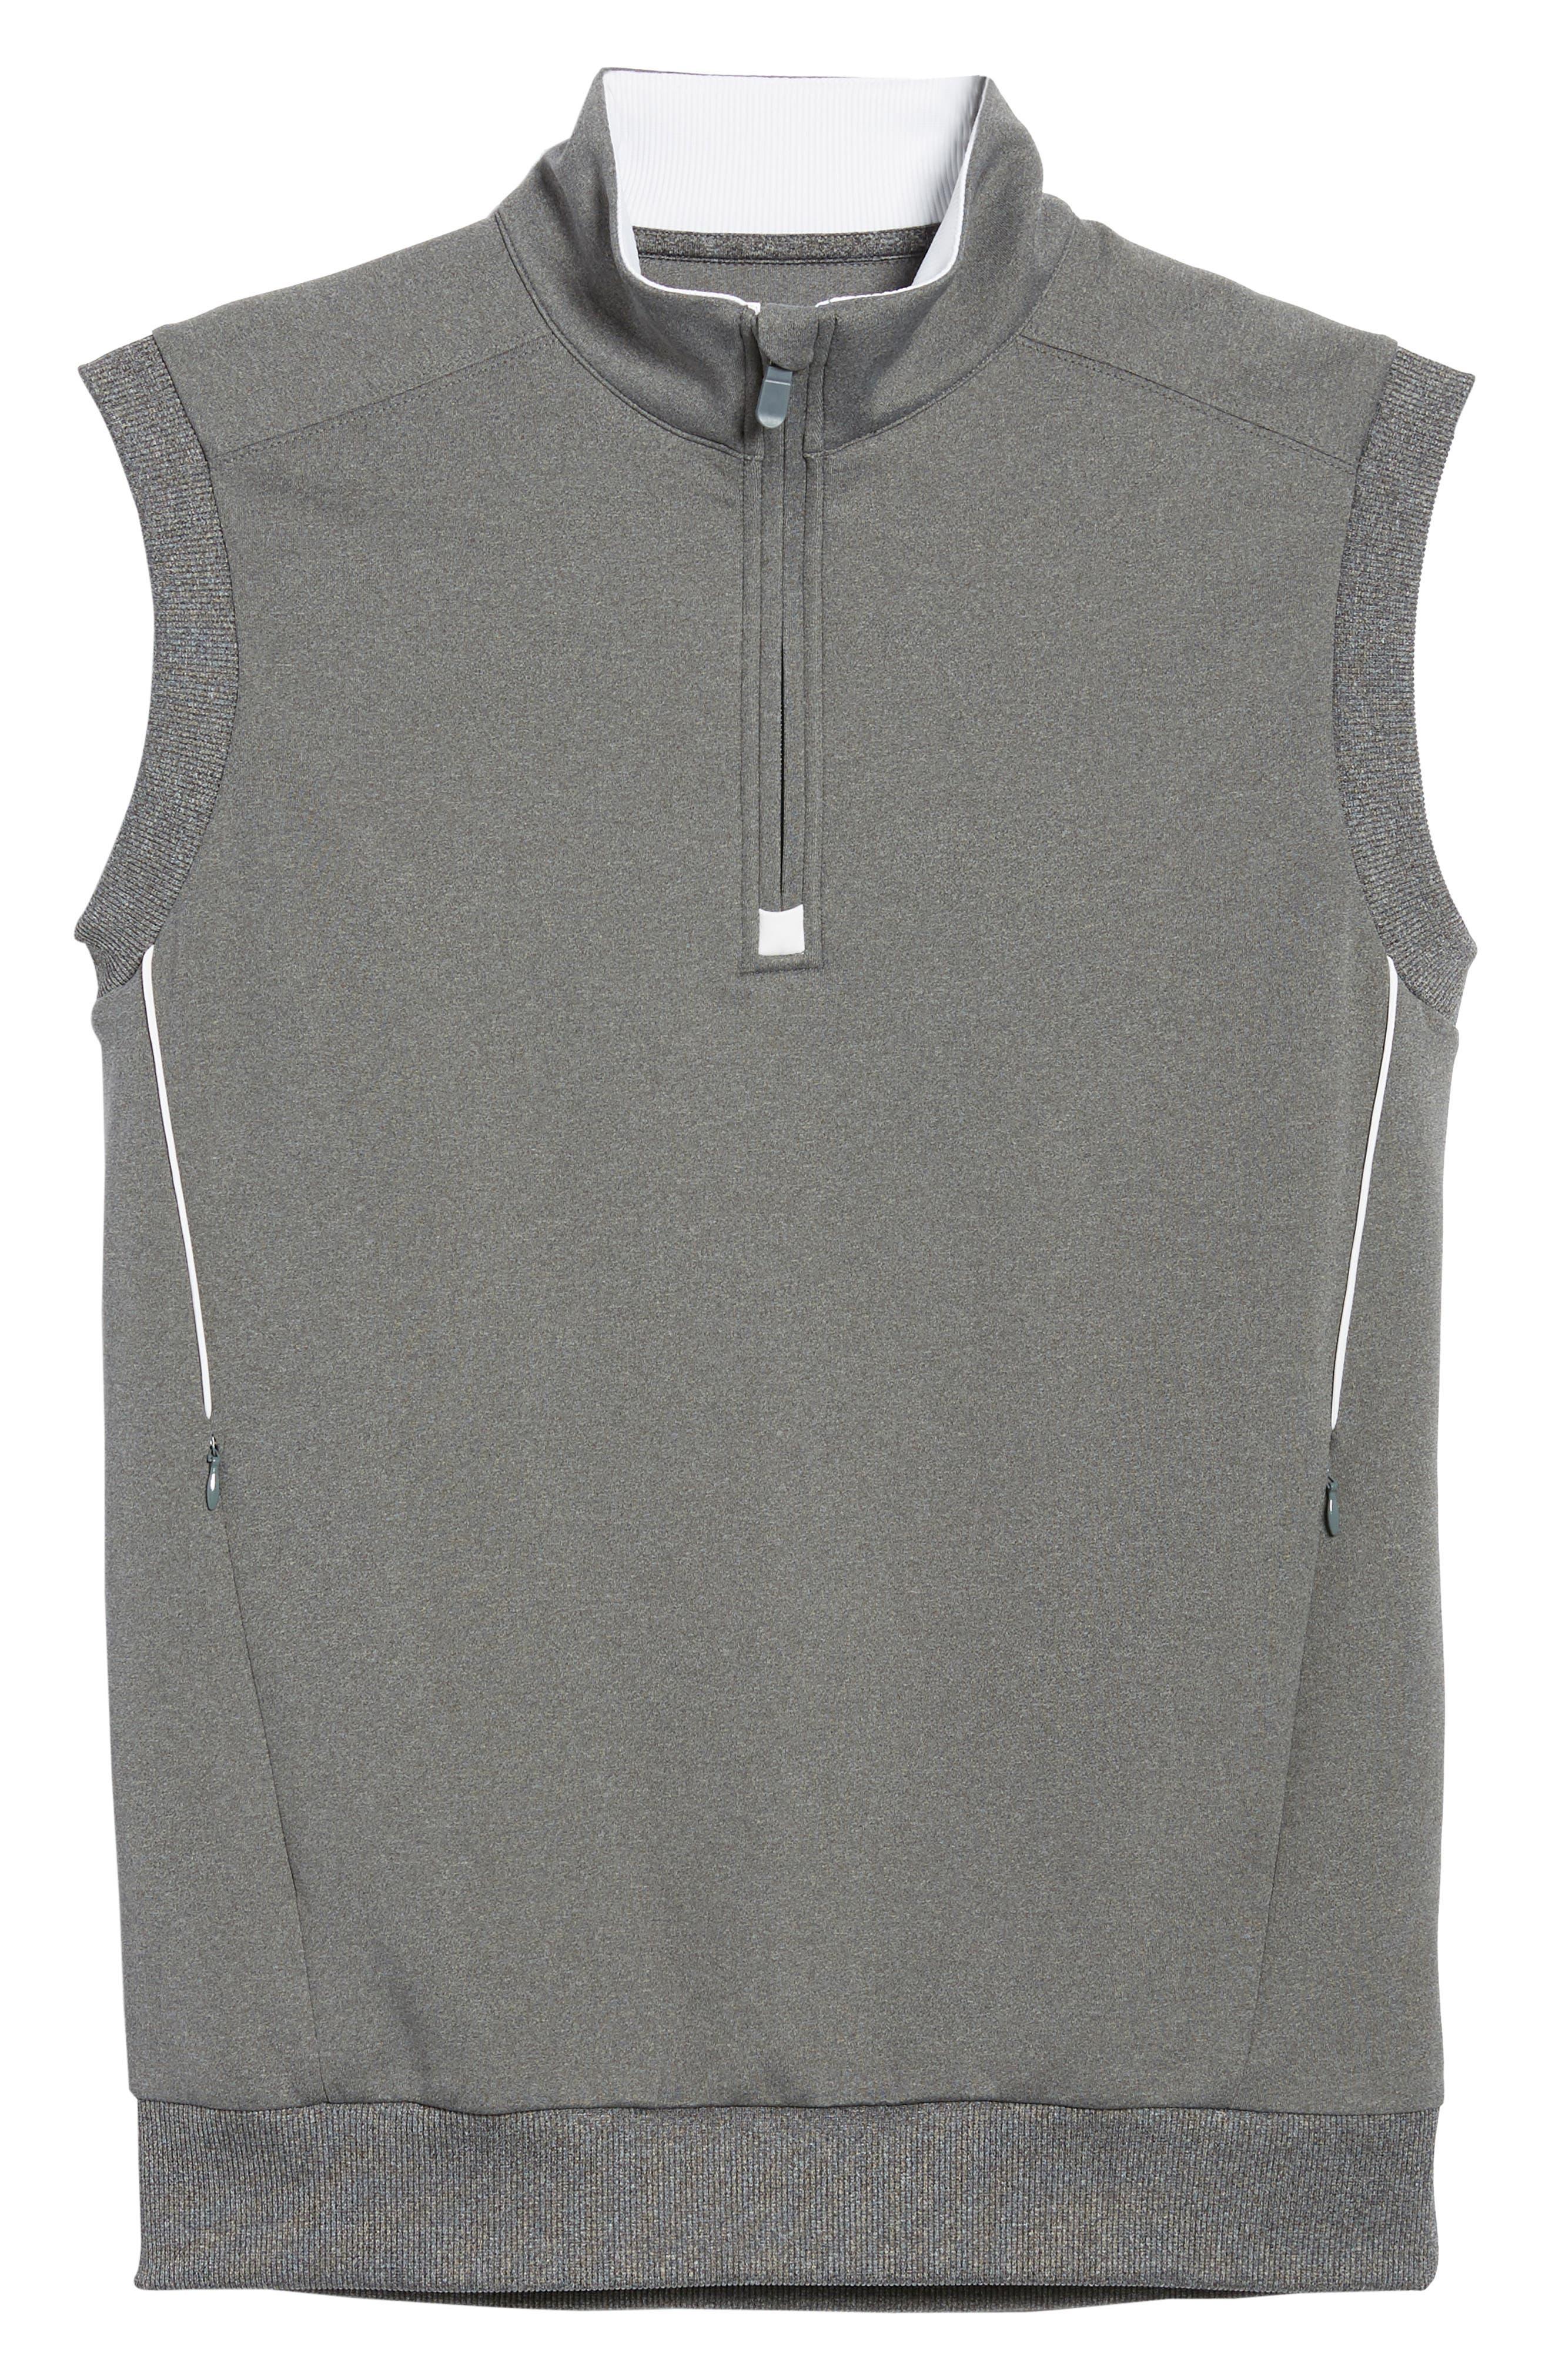 Quarter Zip Tech Vest,                             Alternate thumbnail 6, color,                             GRAPHITE HEATHER